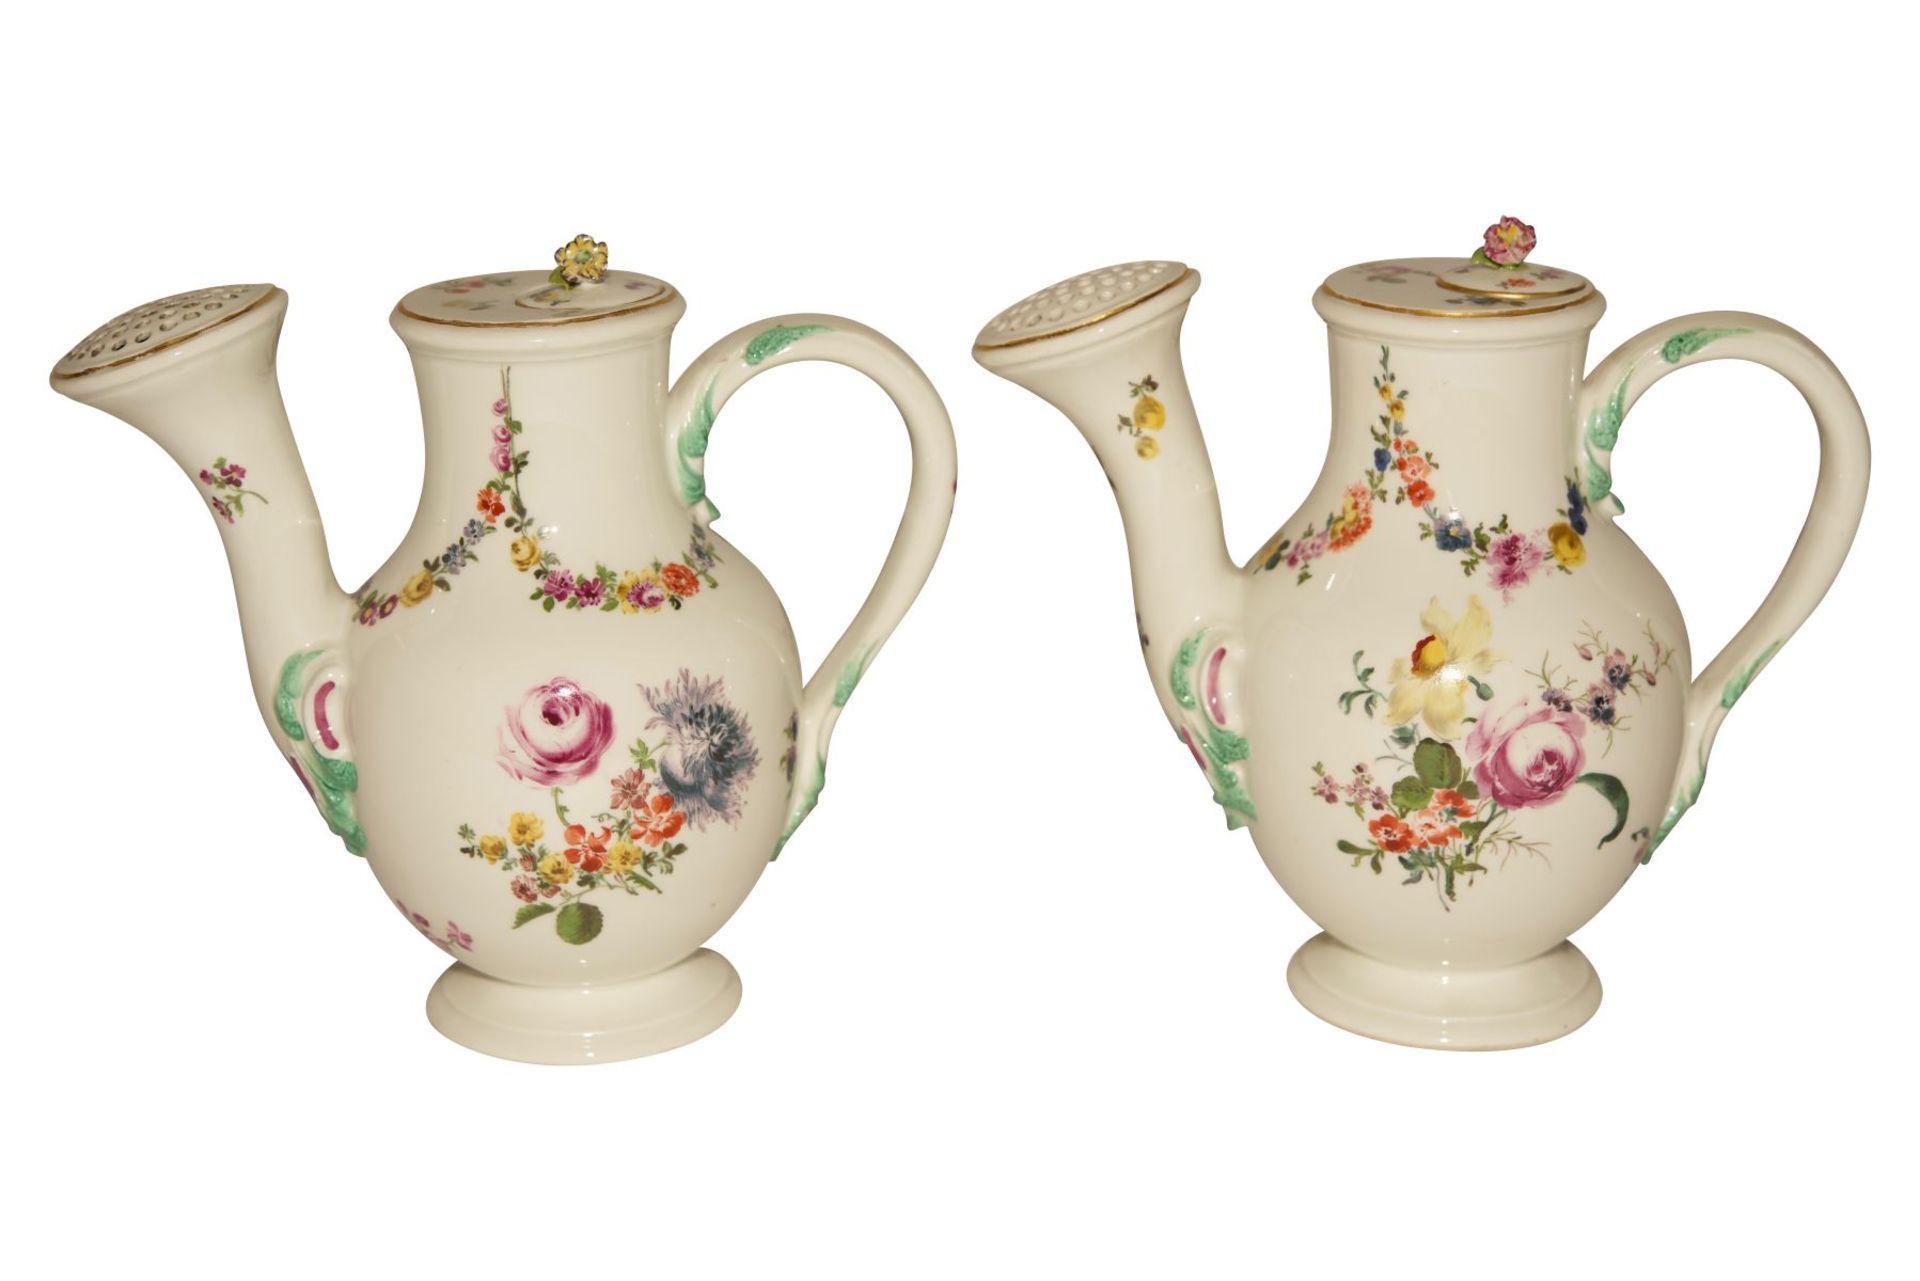 Blumenkannen auf Présentoir Meissen 1730 - Bild 2 aus 8